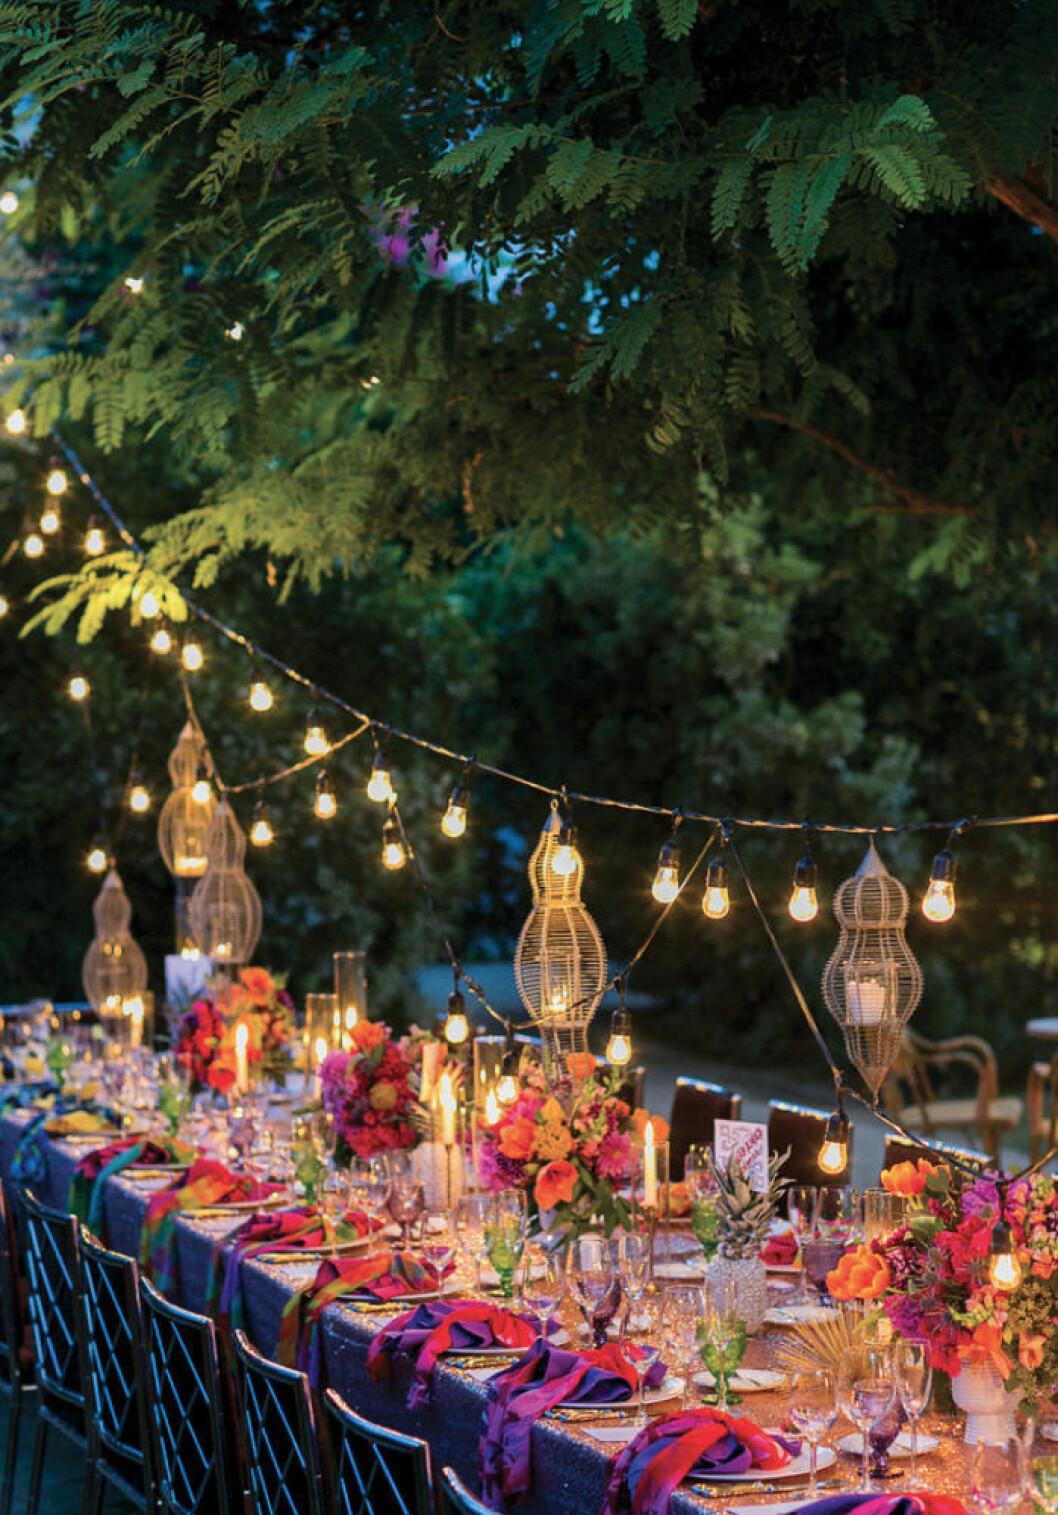 en färgglad dukning under träden förhöjs med ljusslingor